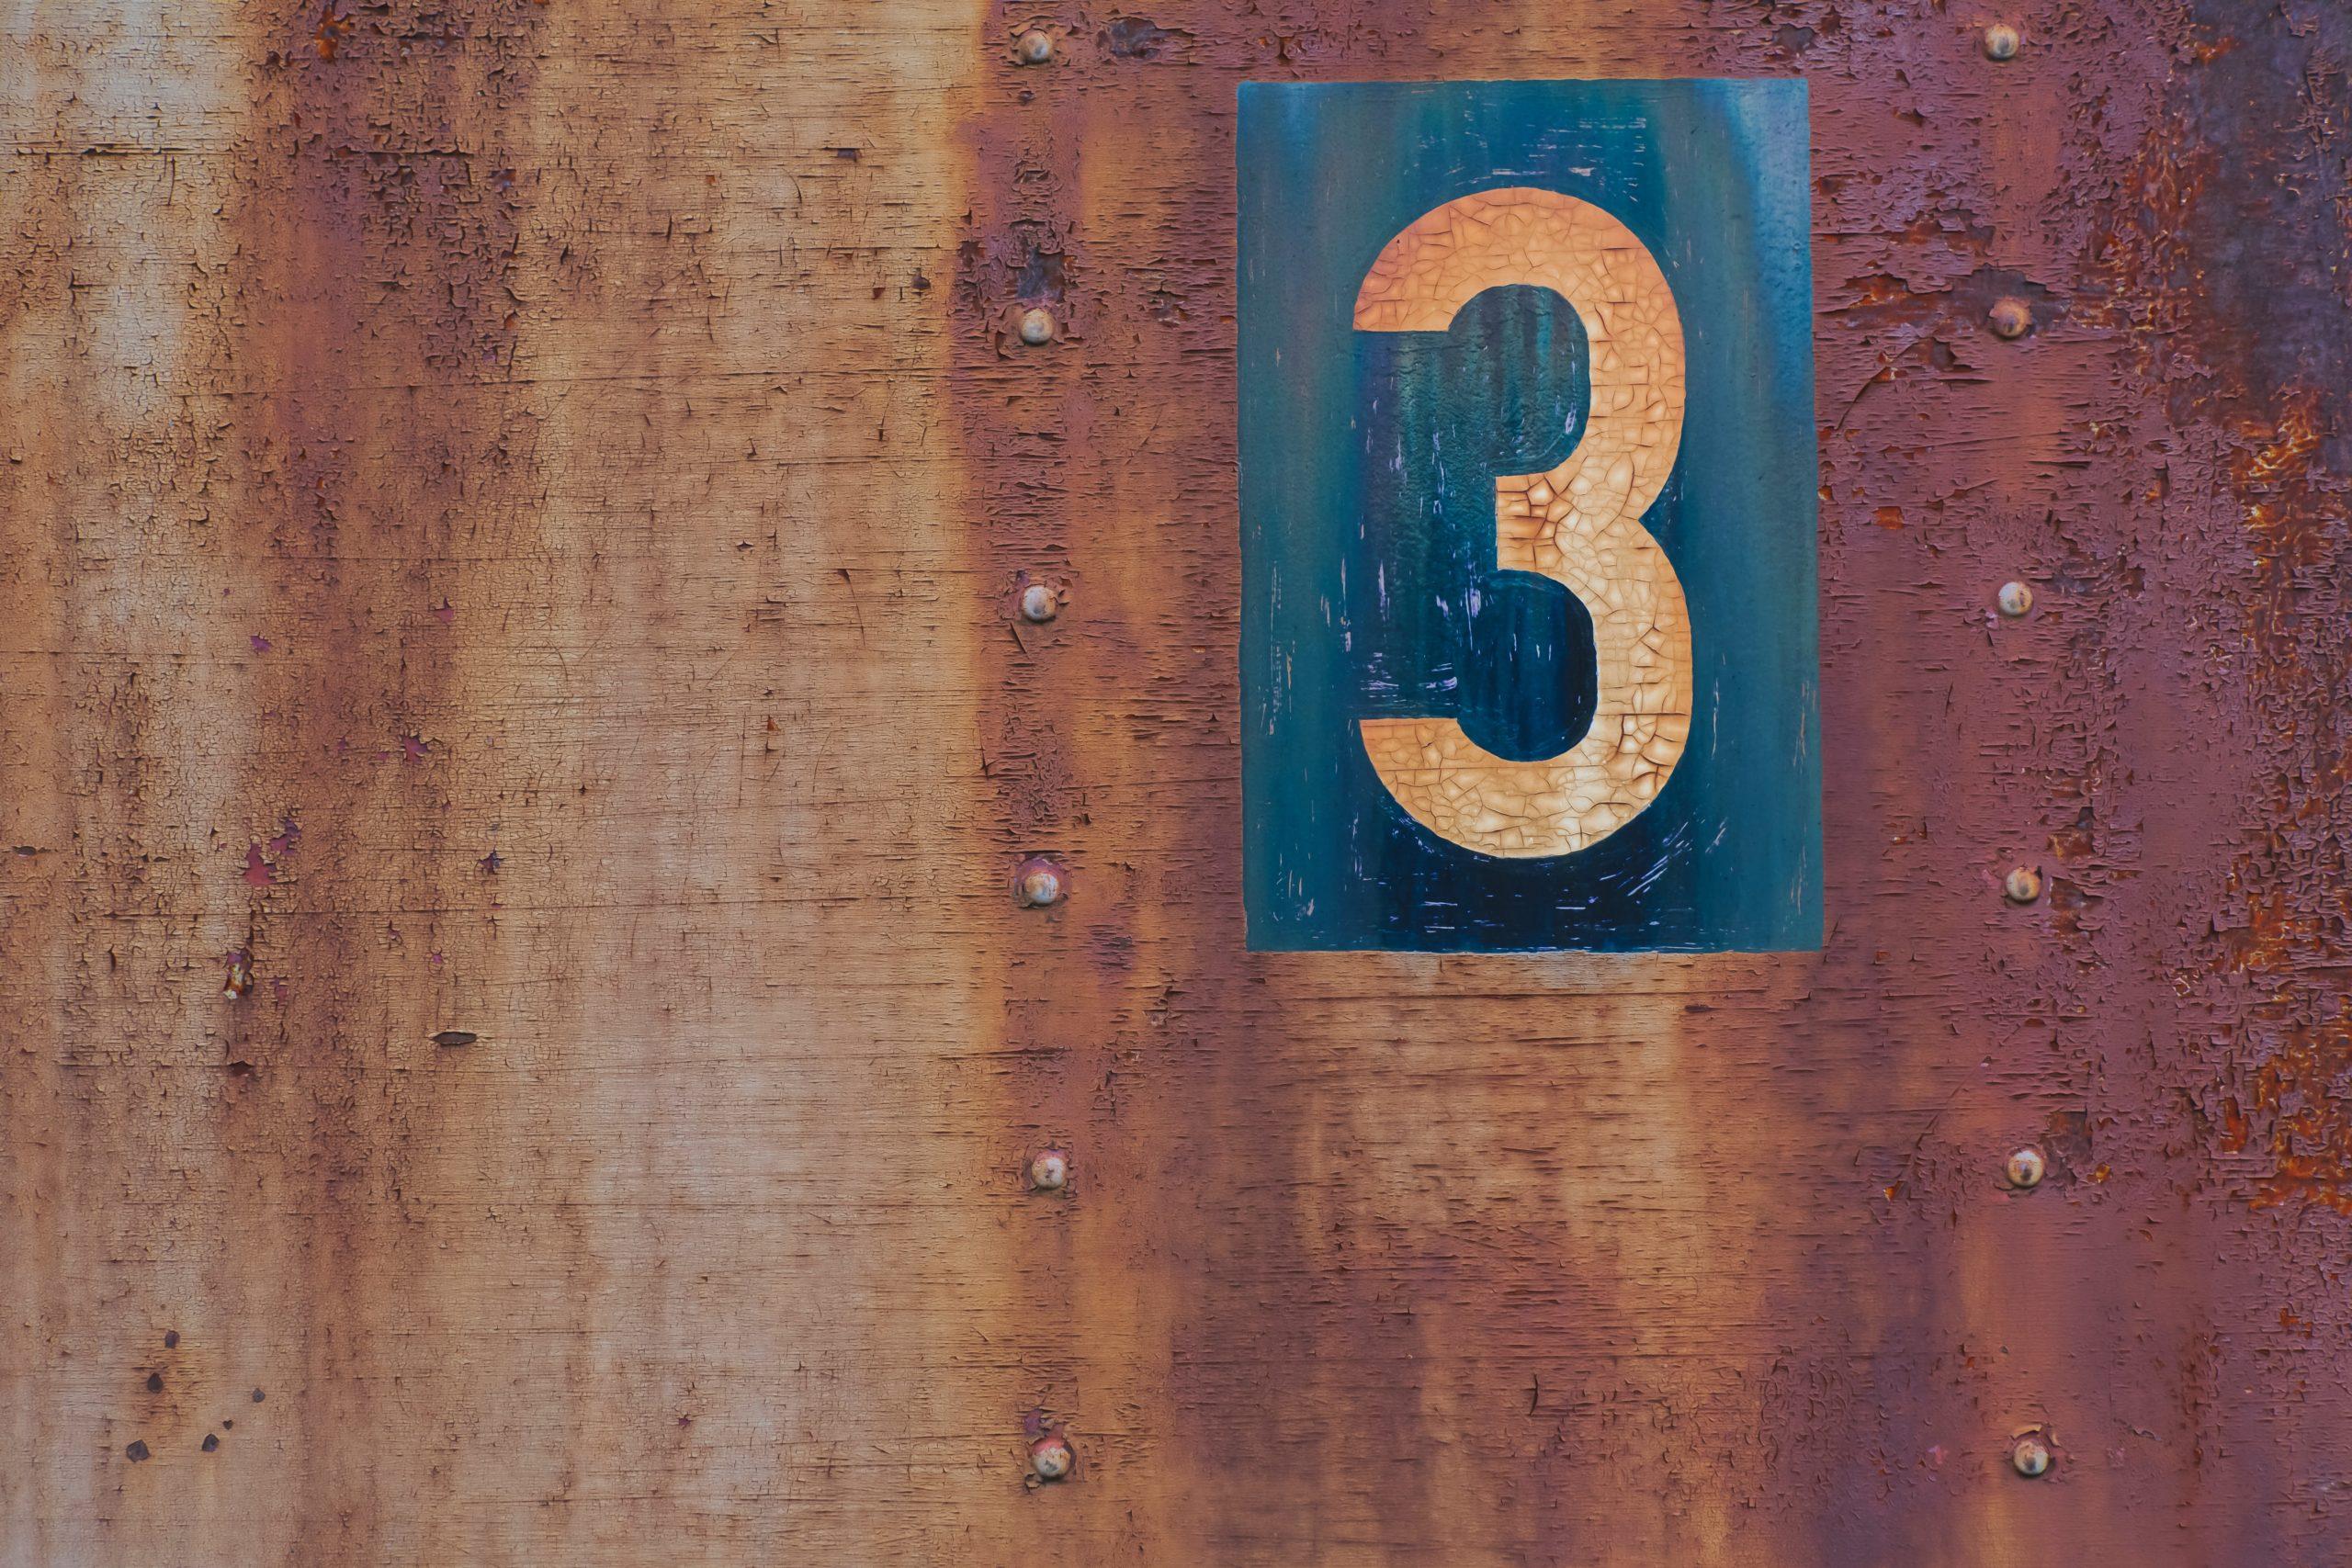 アフィリエイトで稼ぐならお金のジャンルを選ぶ3つの理由